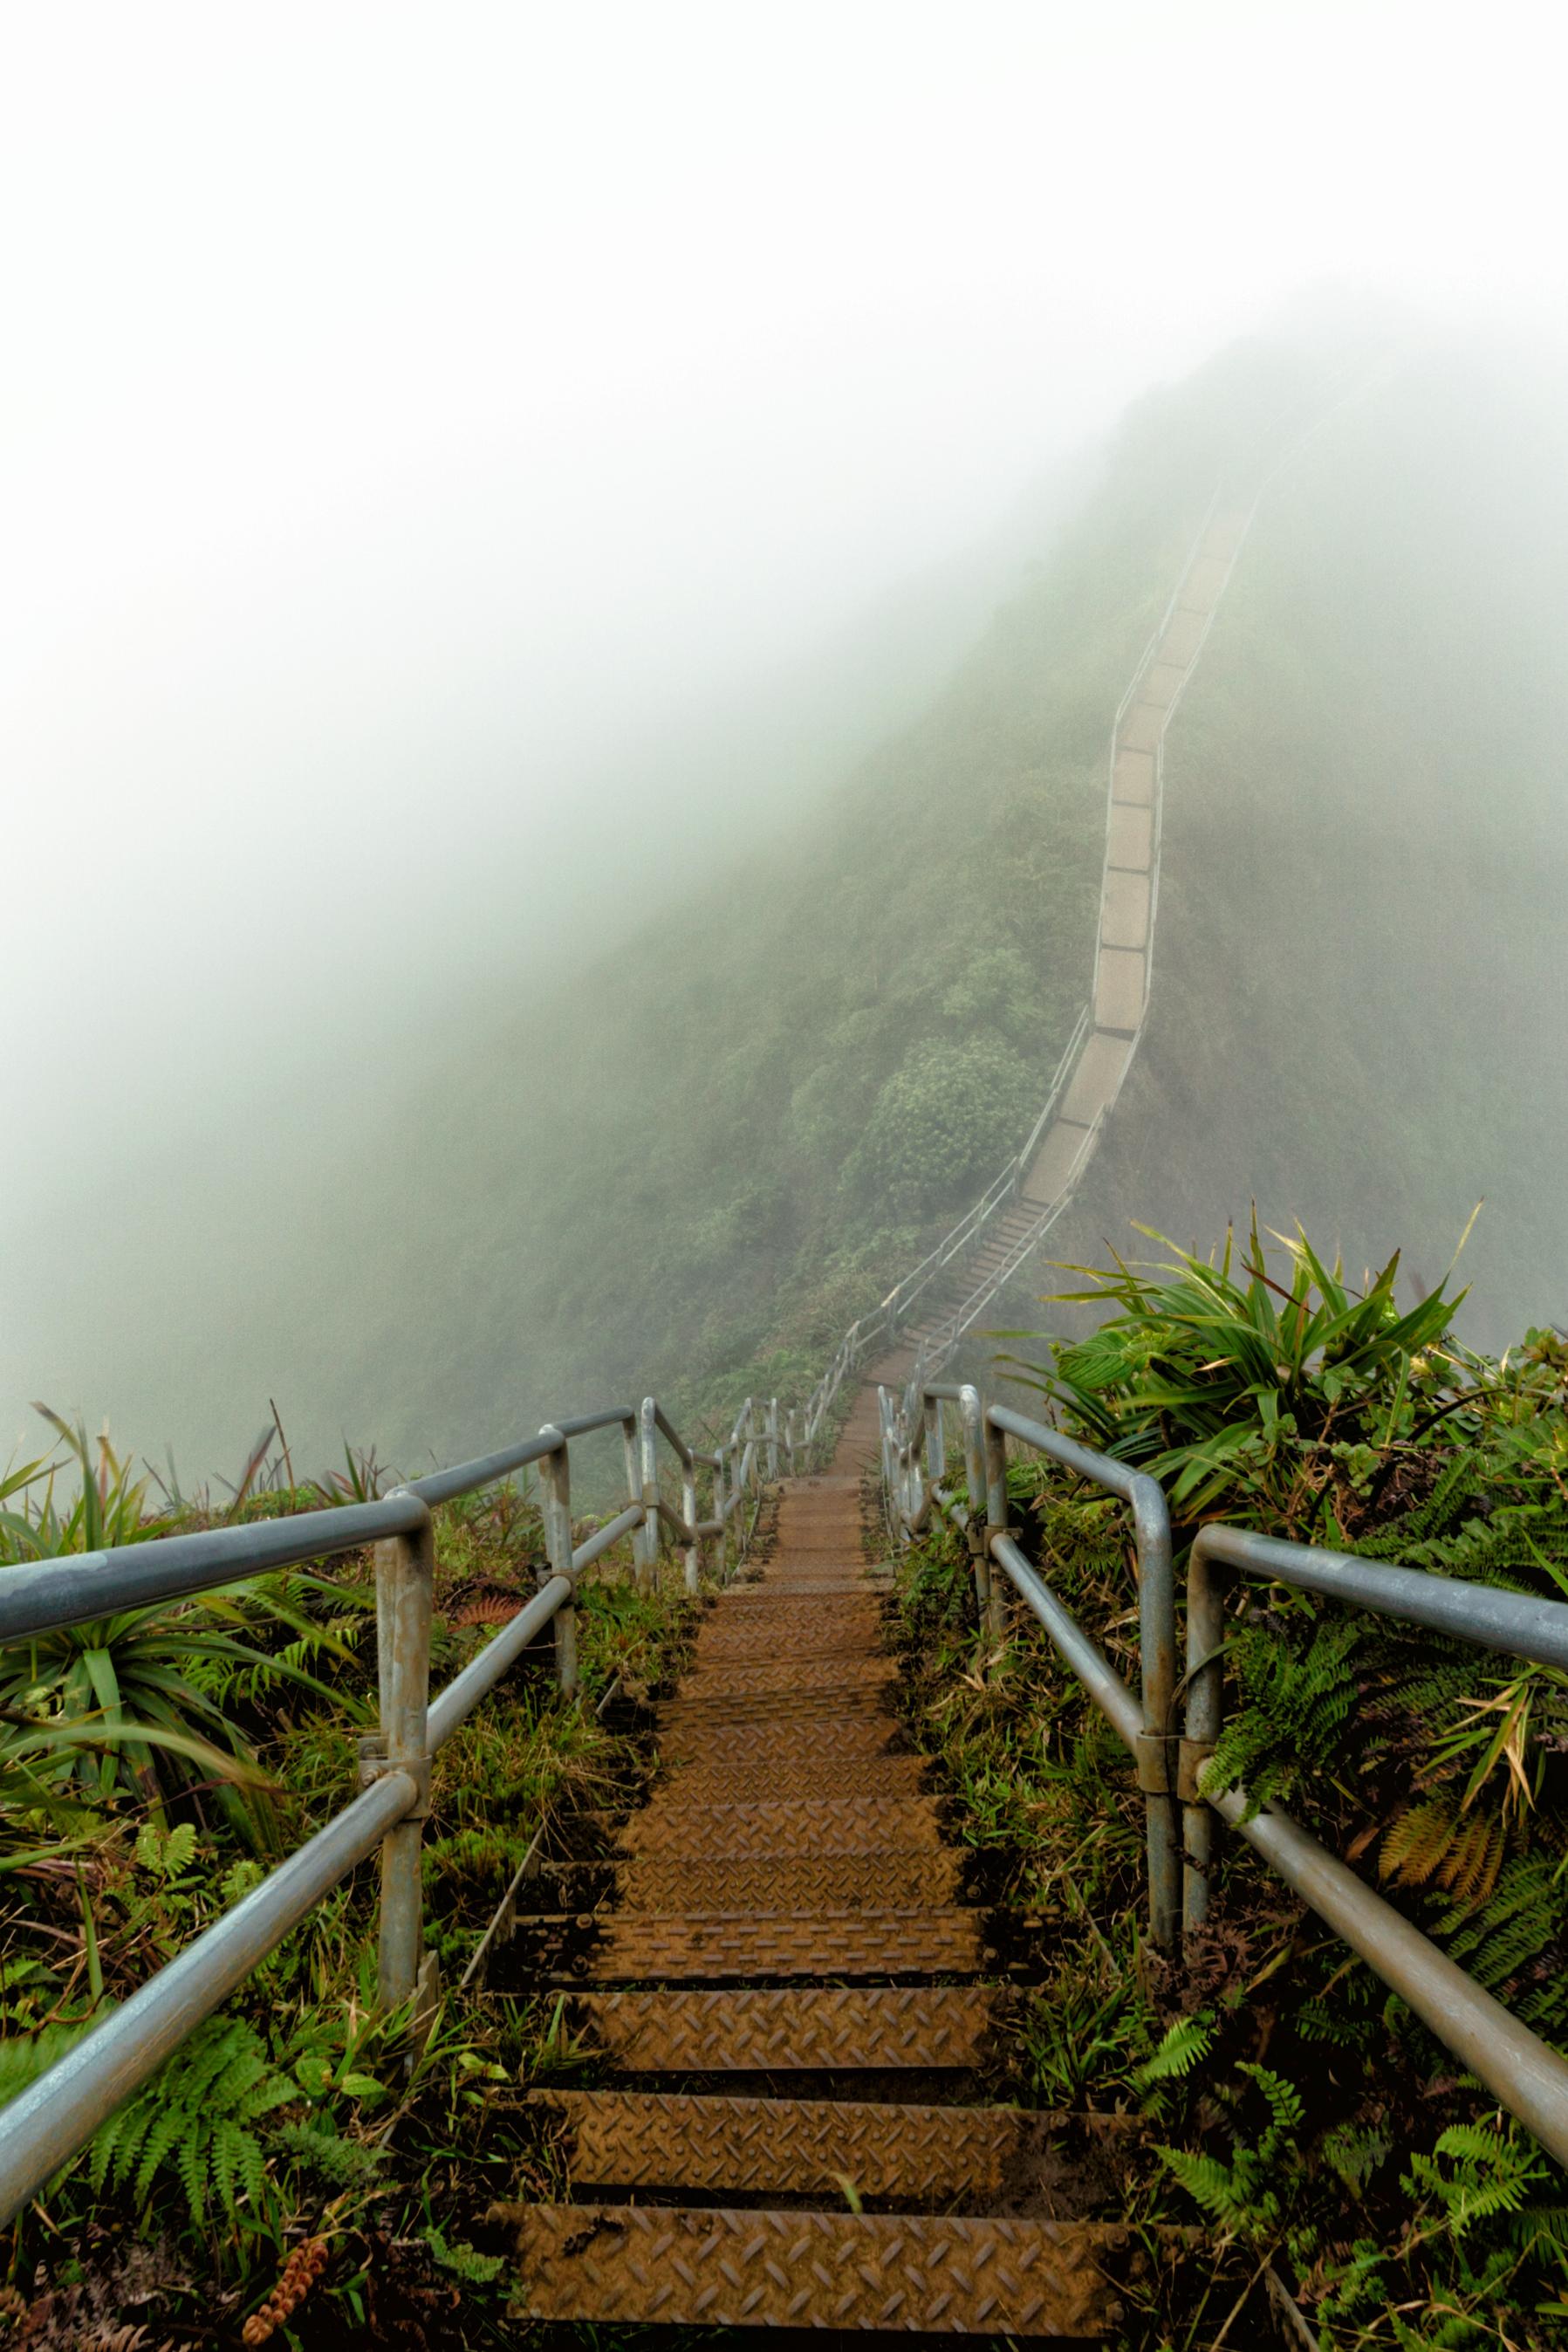 Foggy-Stairs-Vert-2.jpg